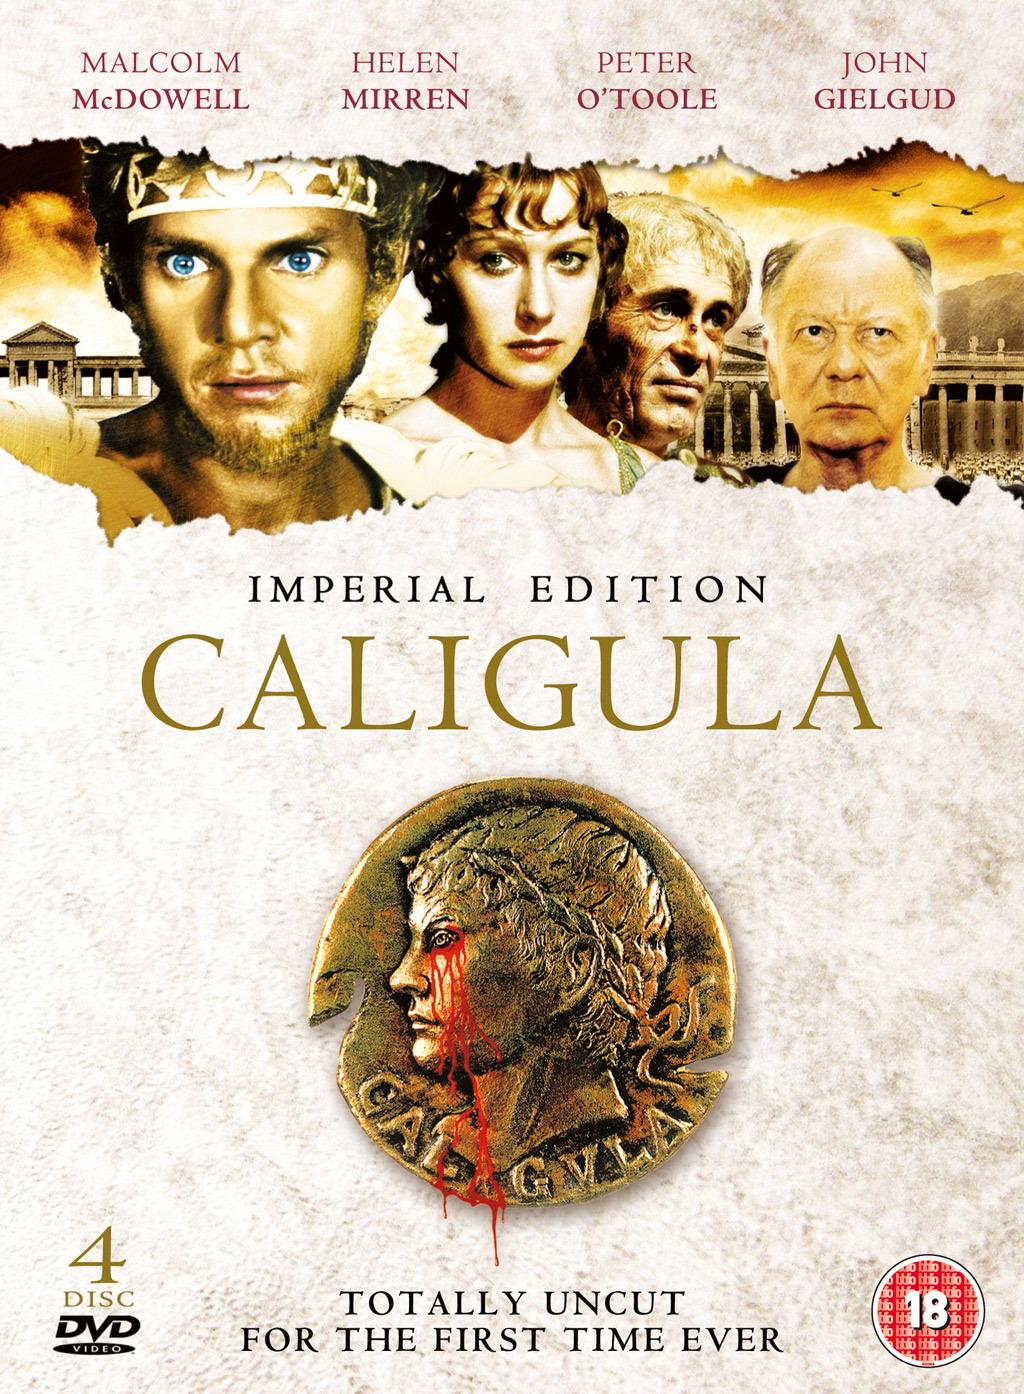 http://2.bp.blogspot.com/-UE-30kme6pU/TxiZf2TsL8I/AAAAAAAAANE/orZXhs9MbZI/s1600/Caligula.jpg